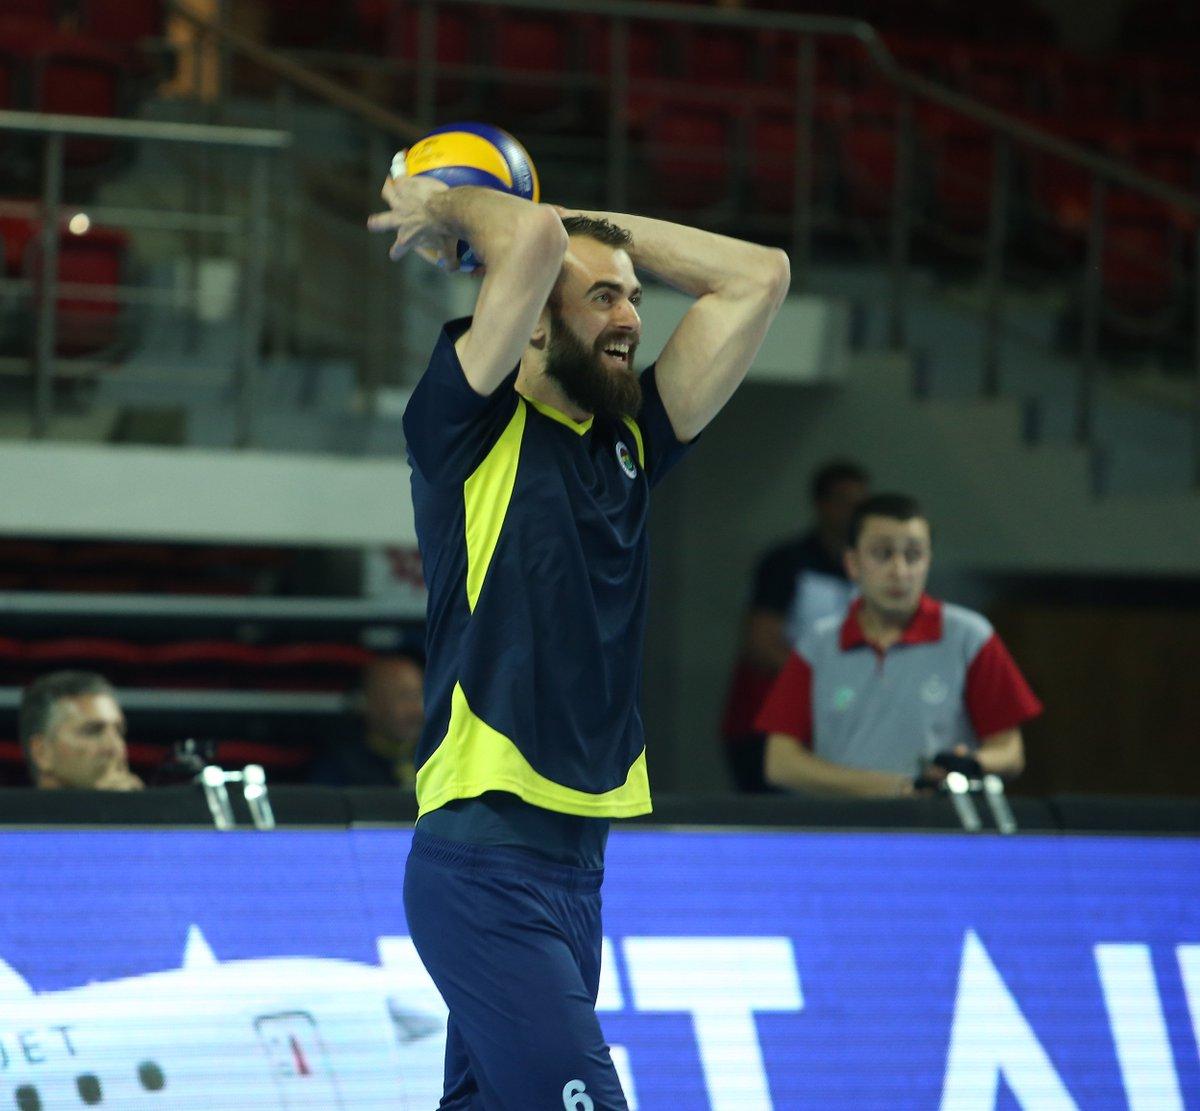 Fenerbahçemiz ısınma bölümü için salonda! #Fenerbahçe